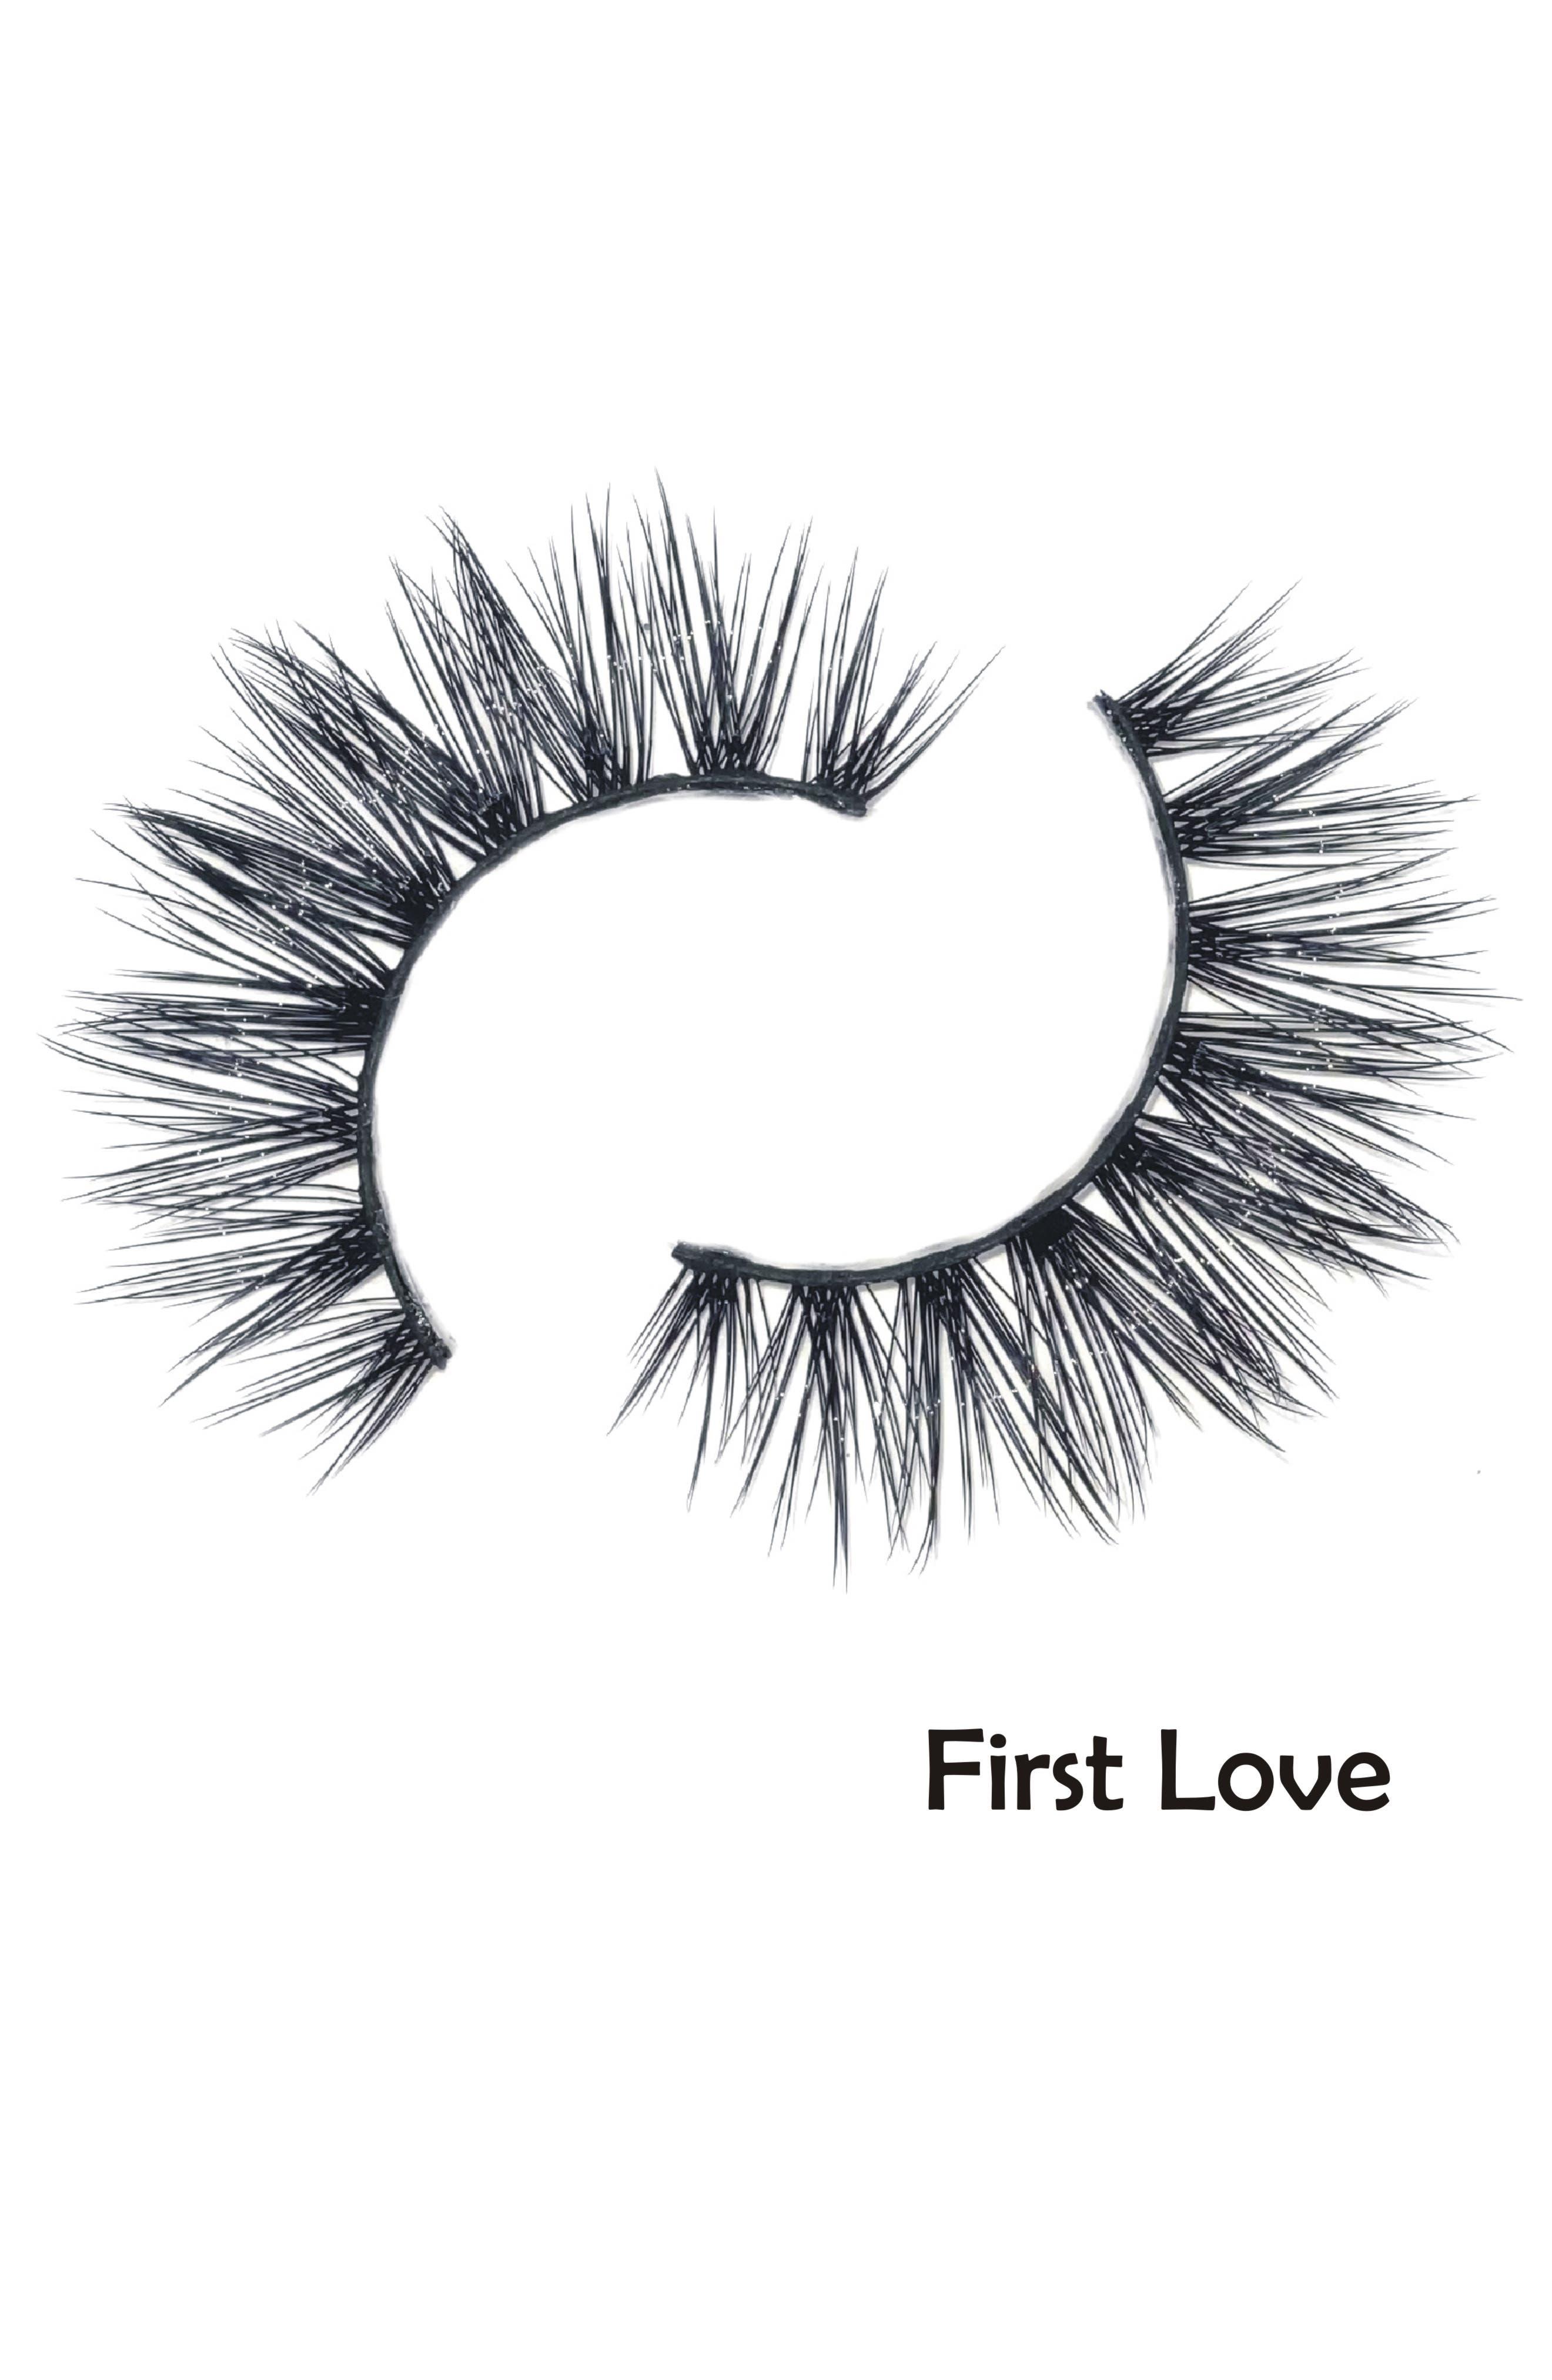 2-Pack First Love False Eyelashes